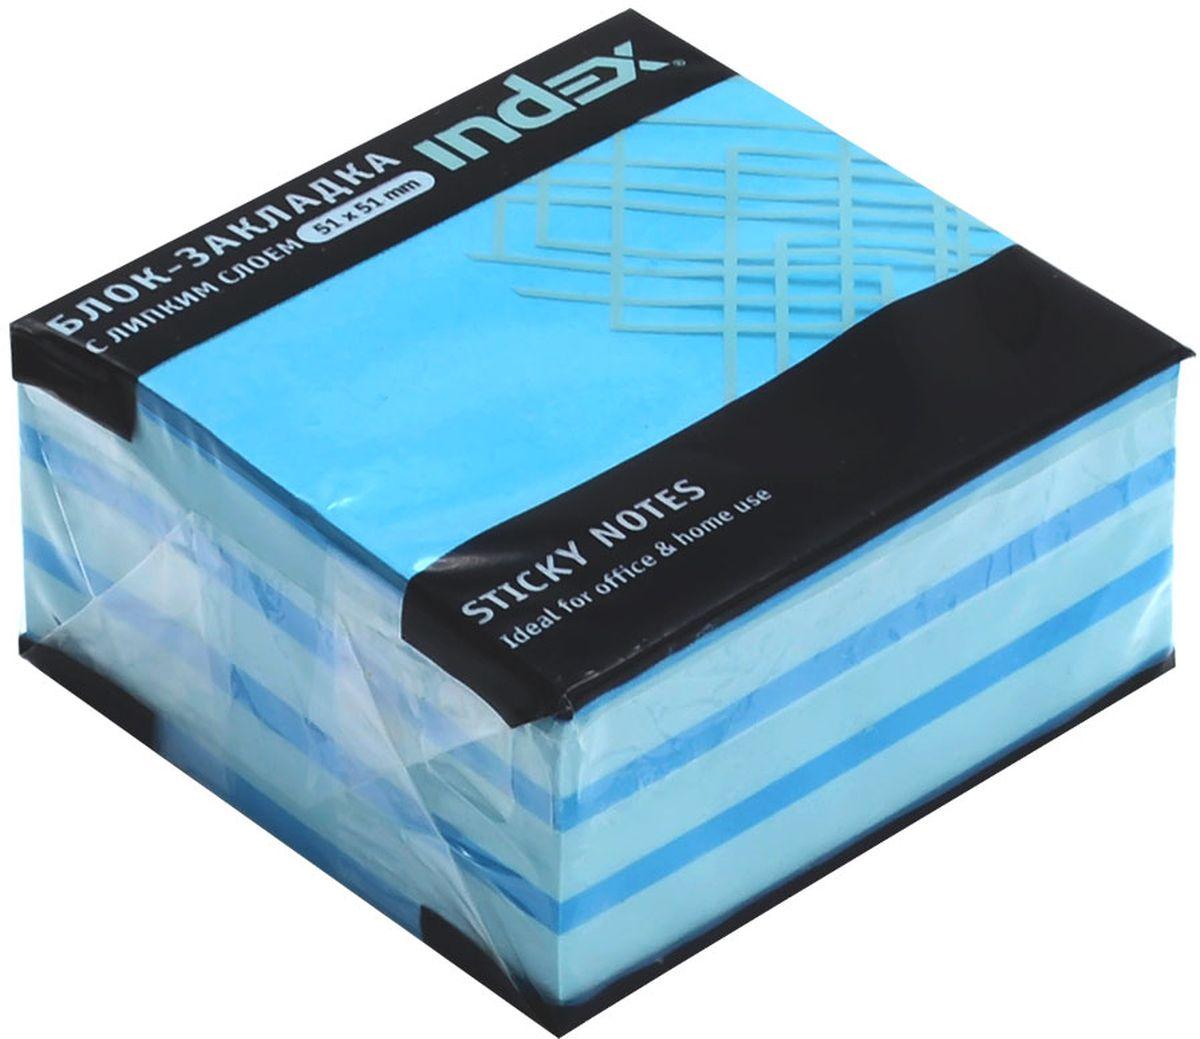 Index Бумага для заметок с липким слоем Мини-куб 5,1 х 5,1 см цвет голубой 250 листов brauberg бумага для заметок с липким слоем линованая 60 листов